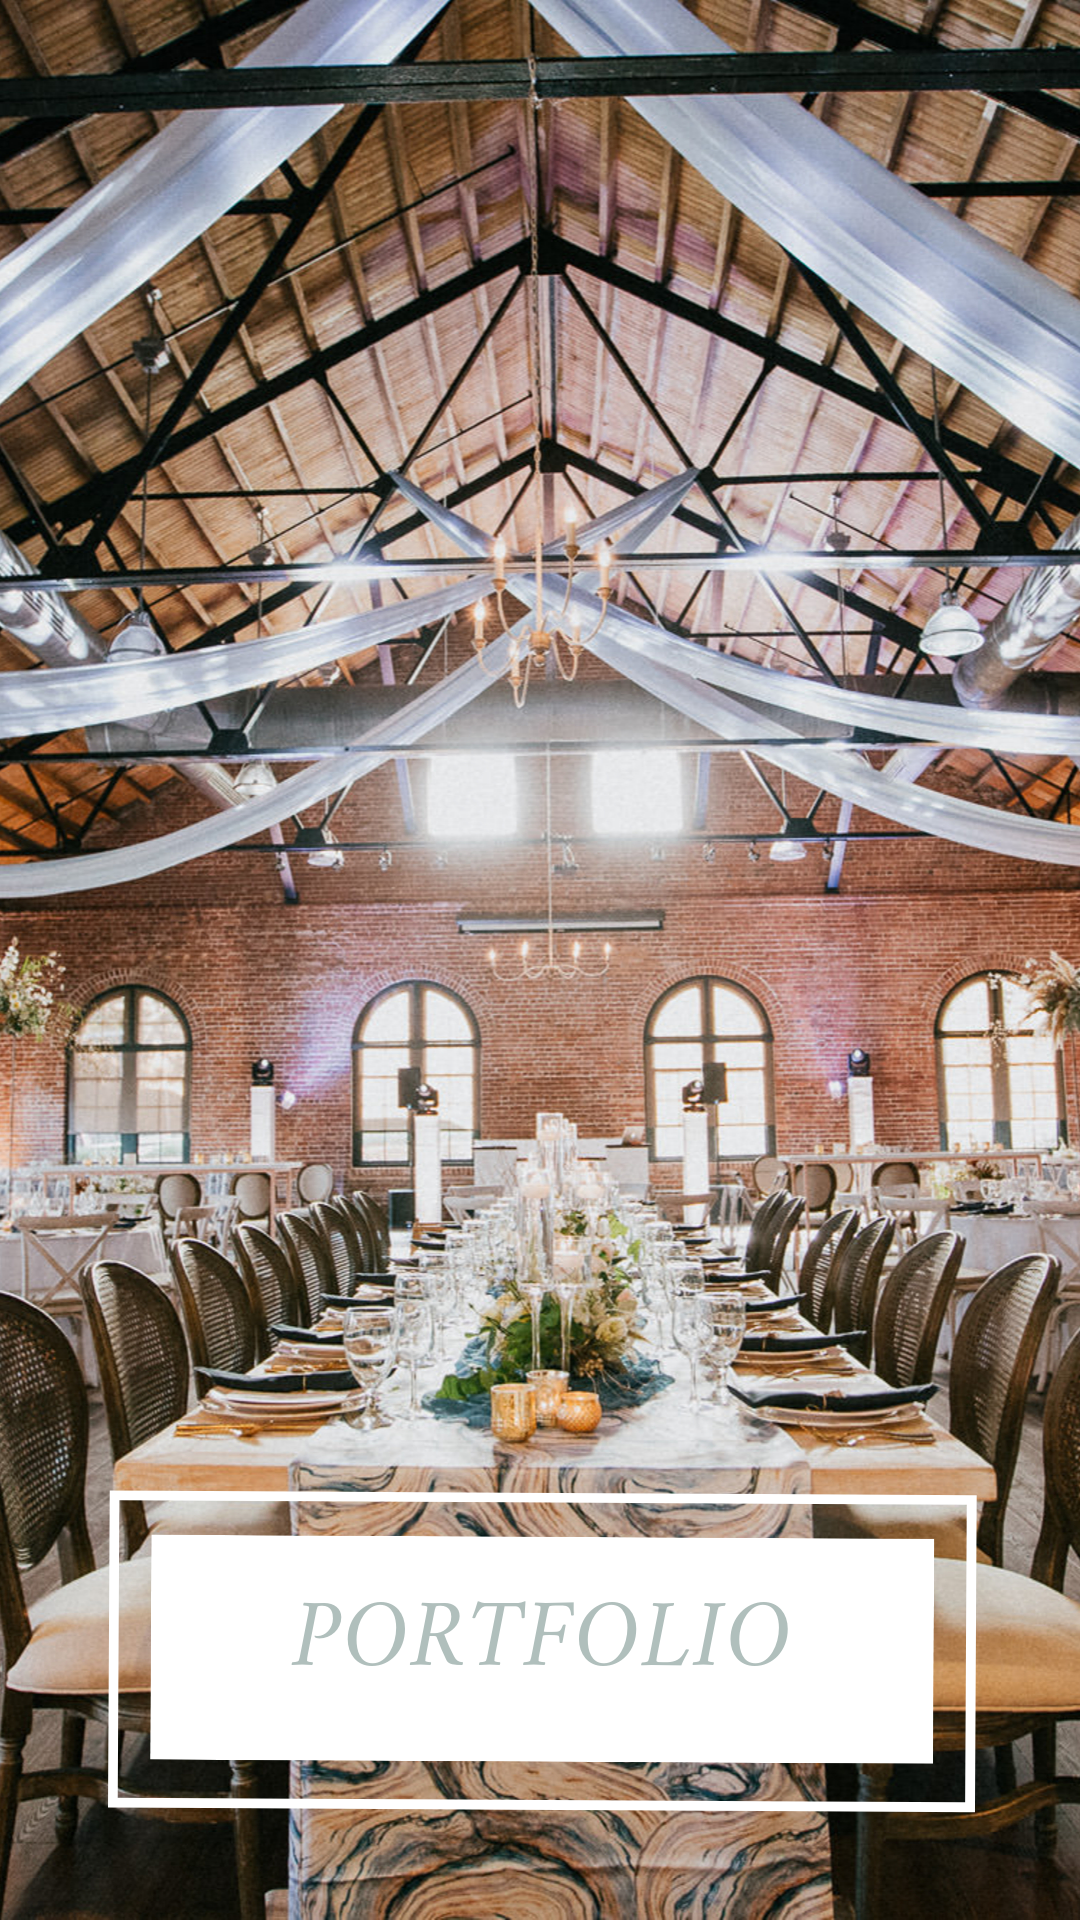 Bespoken Events | Portfolio | Wedding Planning